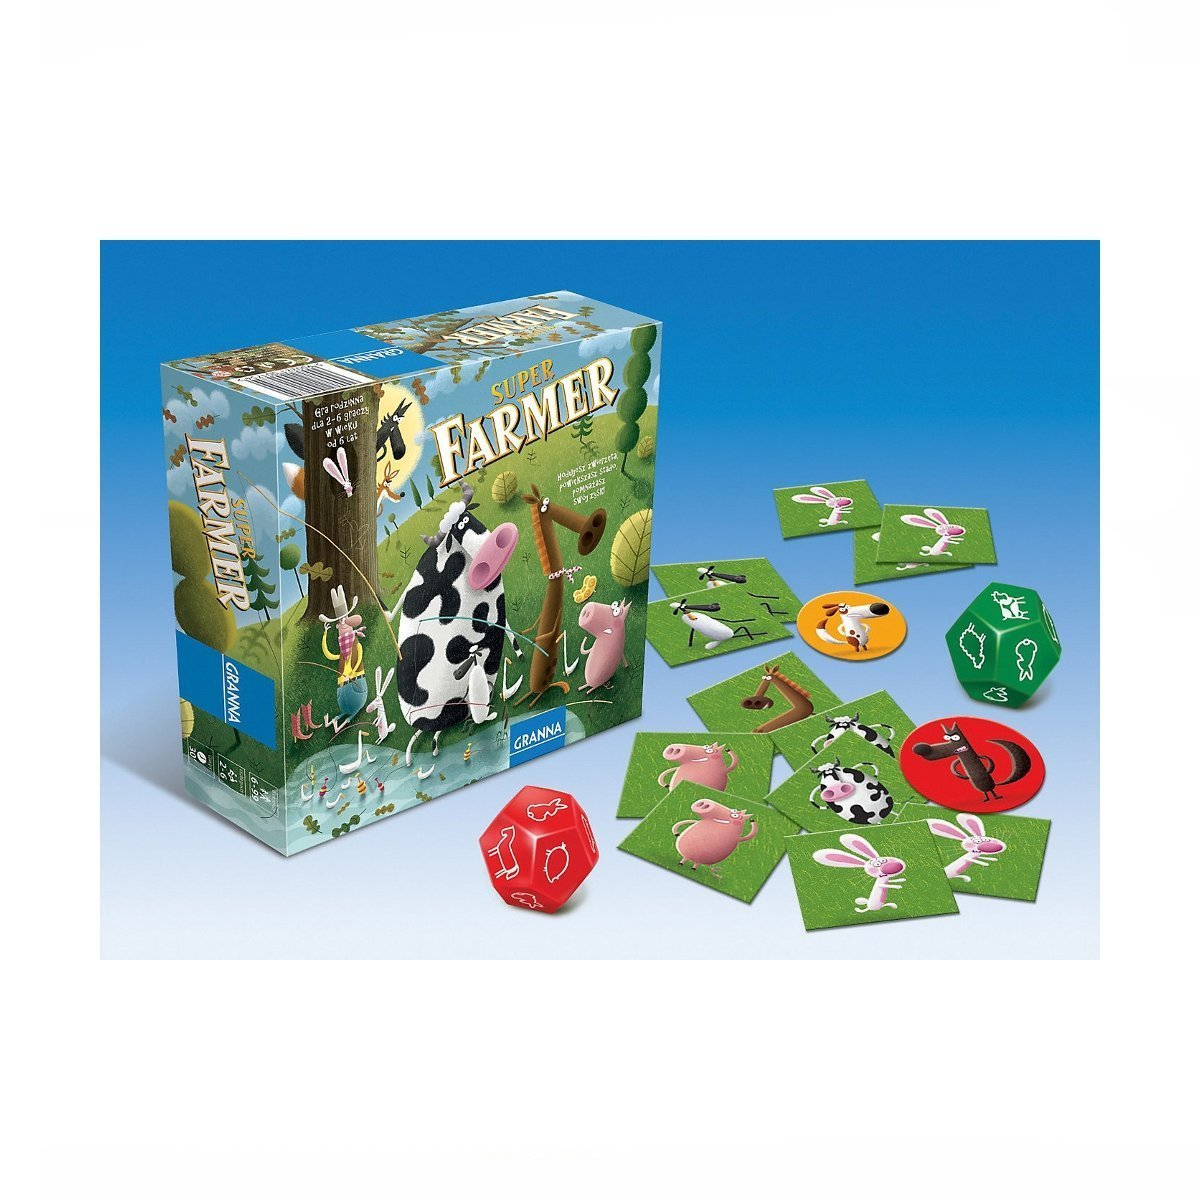 Купить Развлекательные, Настольная игра Суперфермер в стиле Ранчо 81756 ТМ: GRANNA